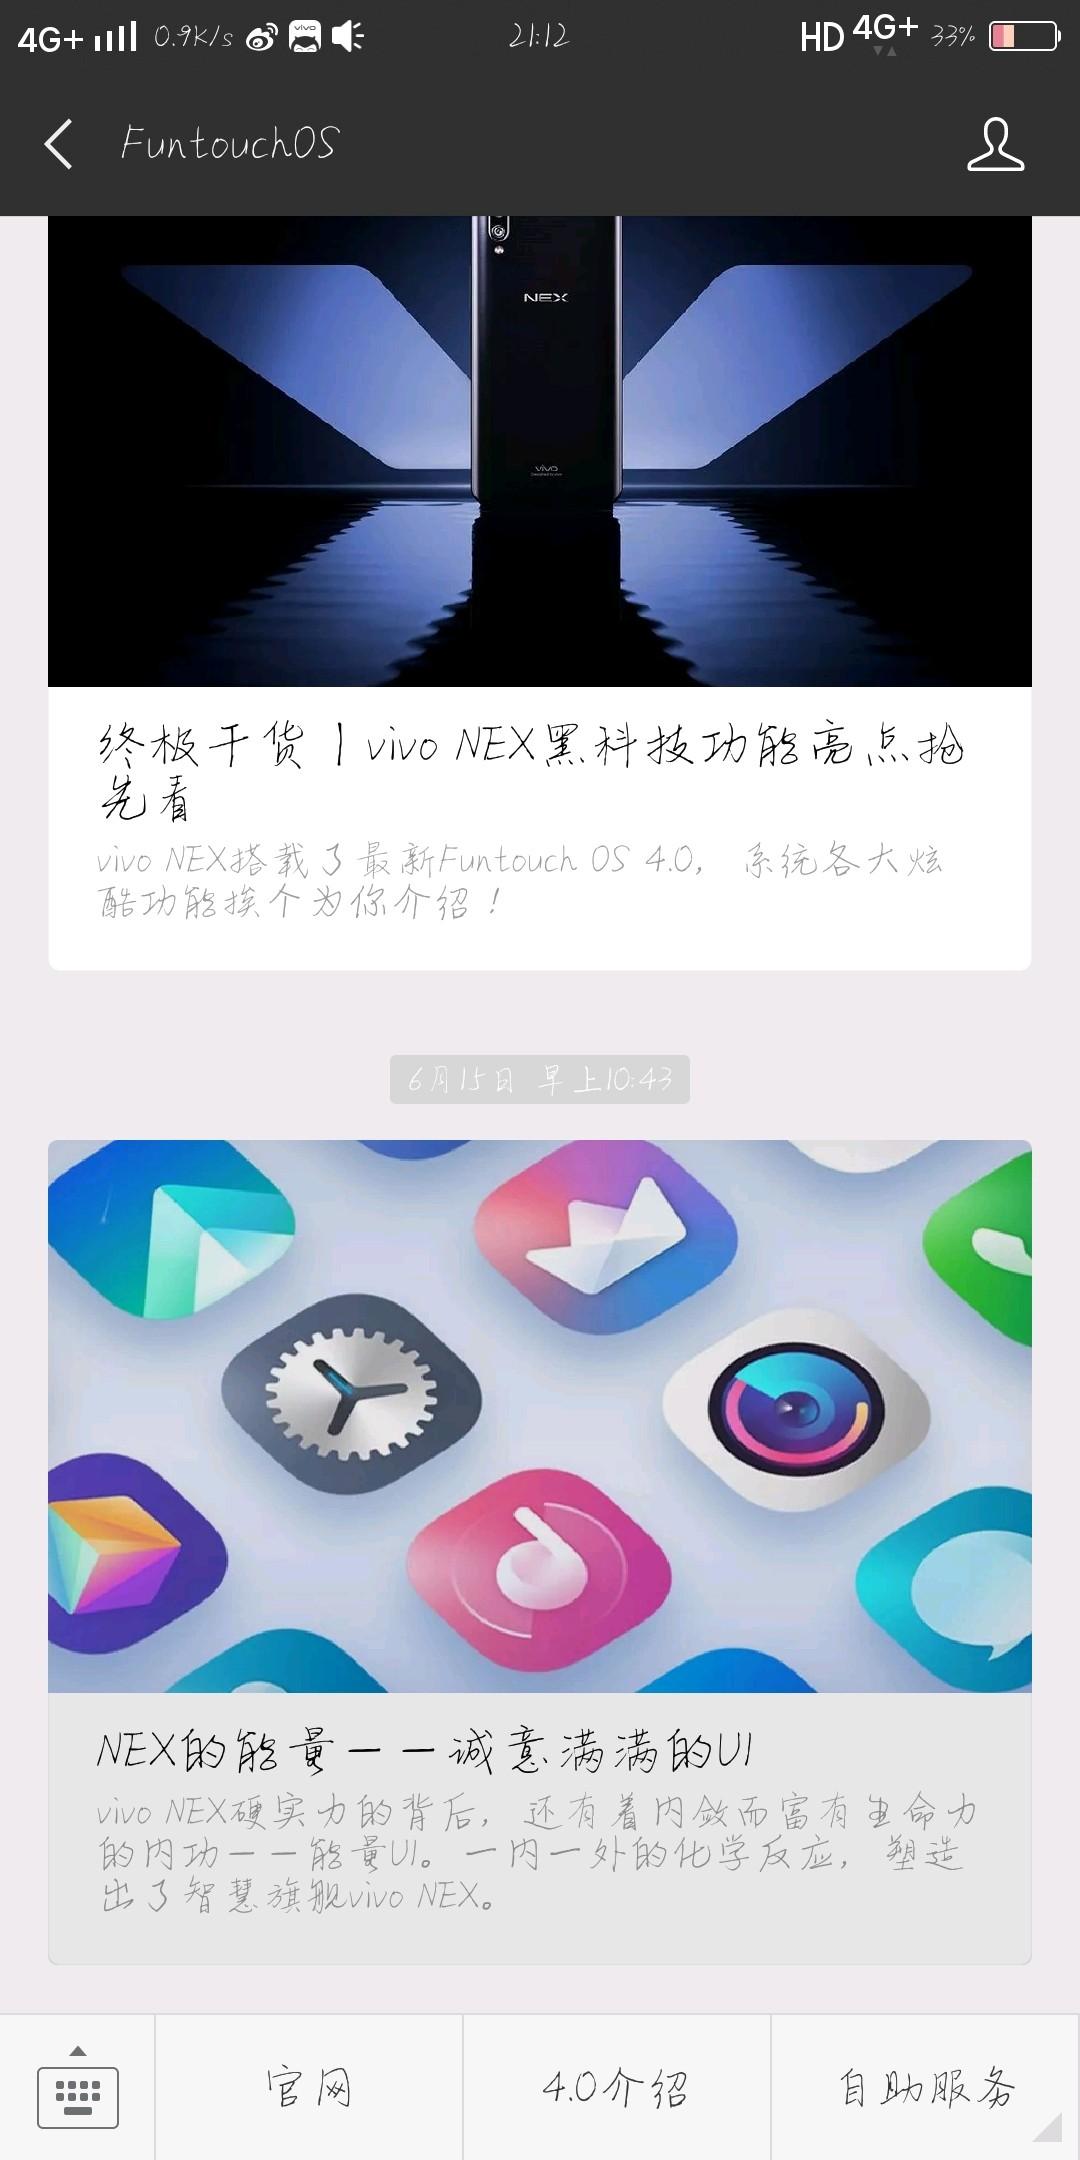 Screenshot_20180621_211202.jpg